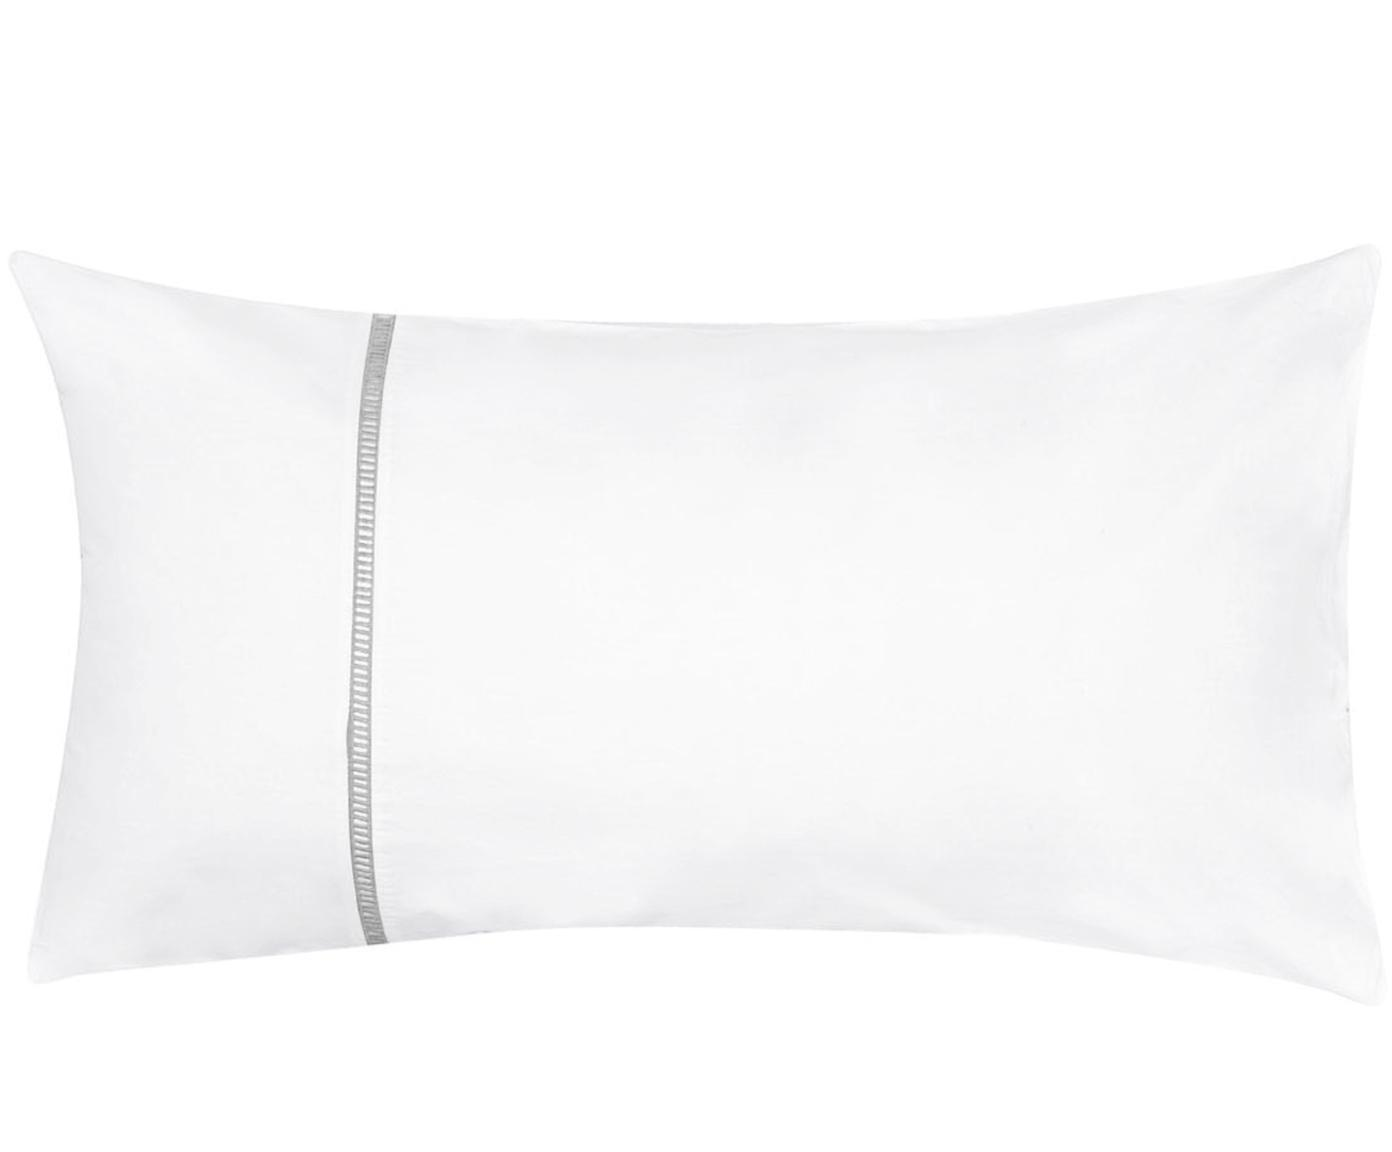 Baumwollperkal-Kissenbezüge Mari mit Hohlsaumstickerei, 2 Stück, Webart: Perkal Fadendichte 180 TC, Weiß, Grau, 40 x 80 cm